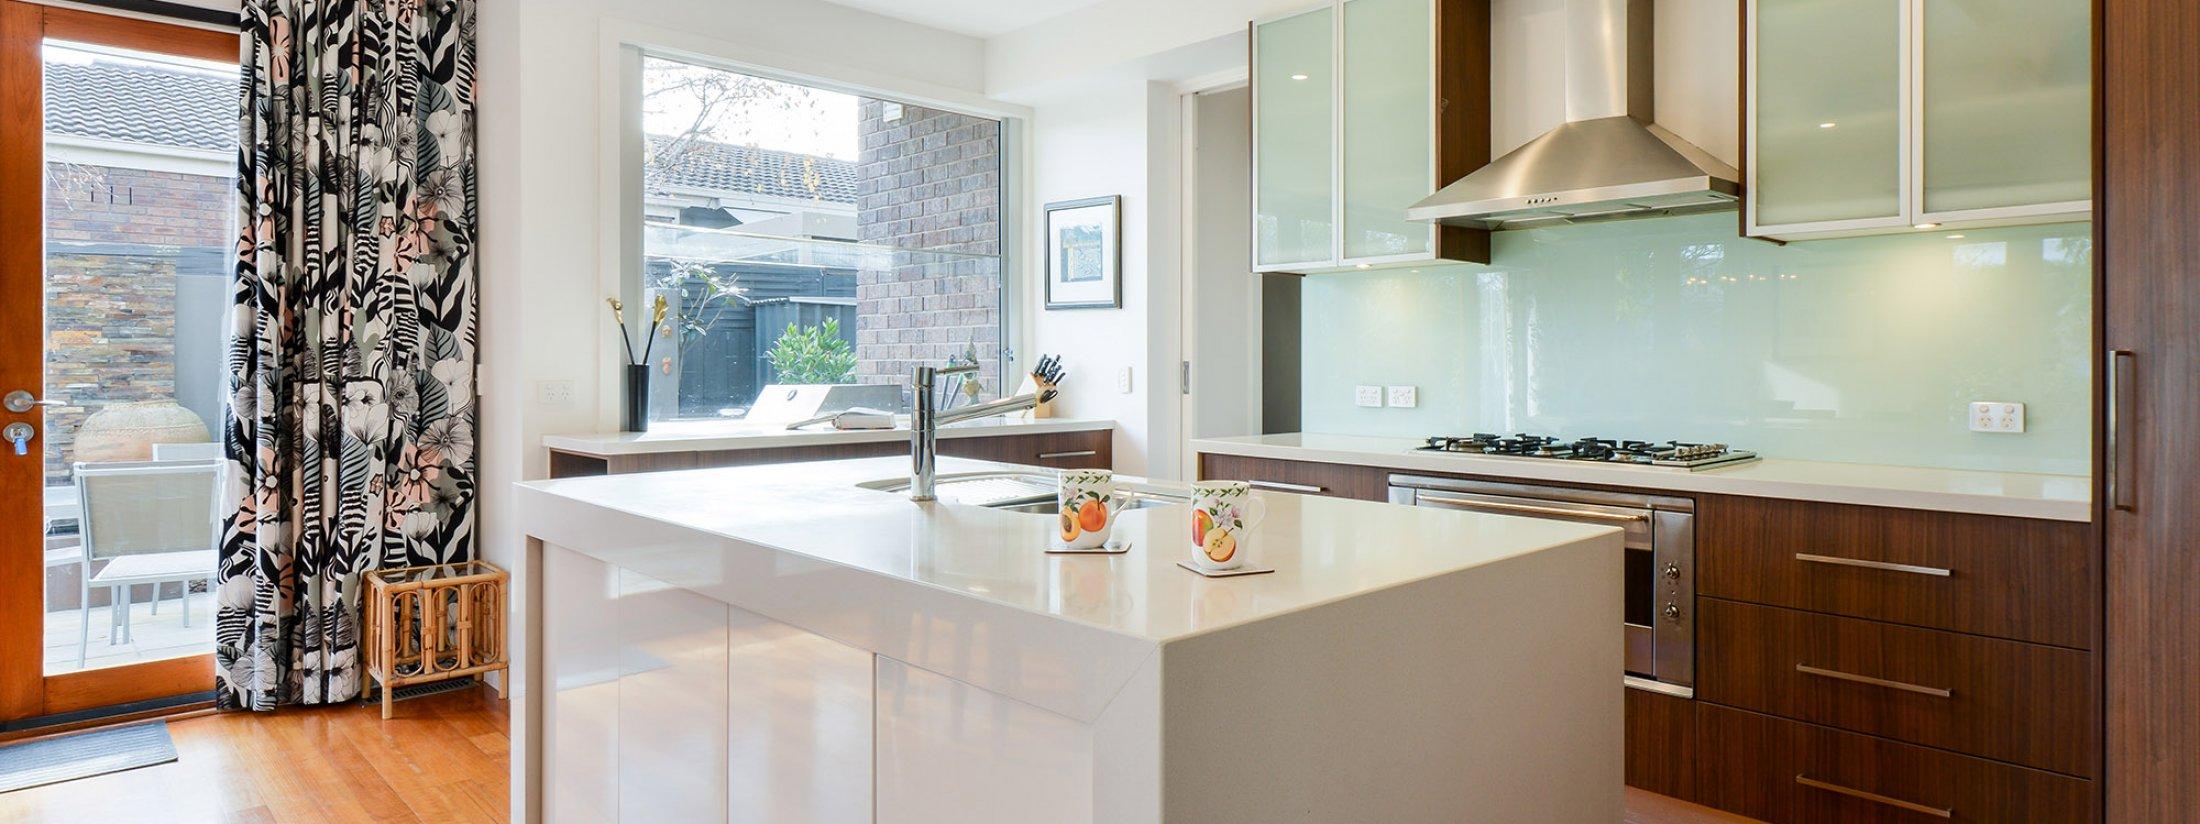 Maple on Kent - Glen Iris - Kitchen b